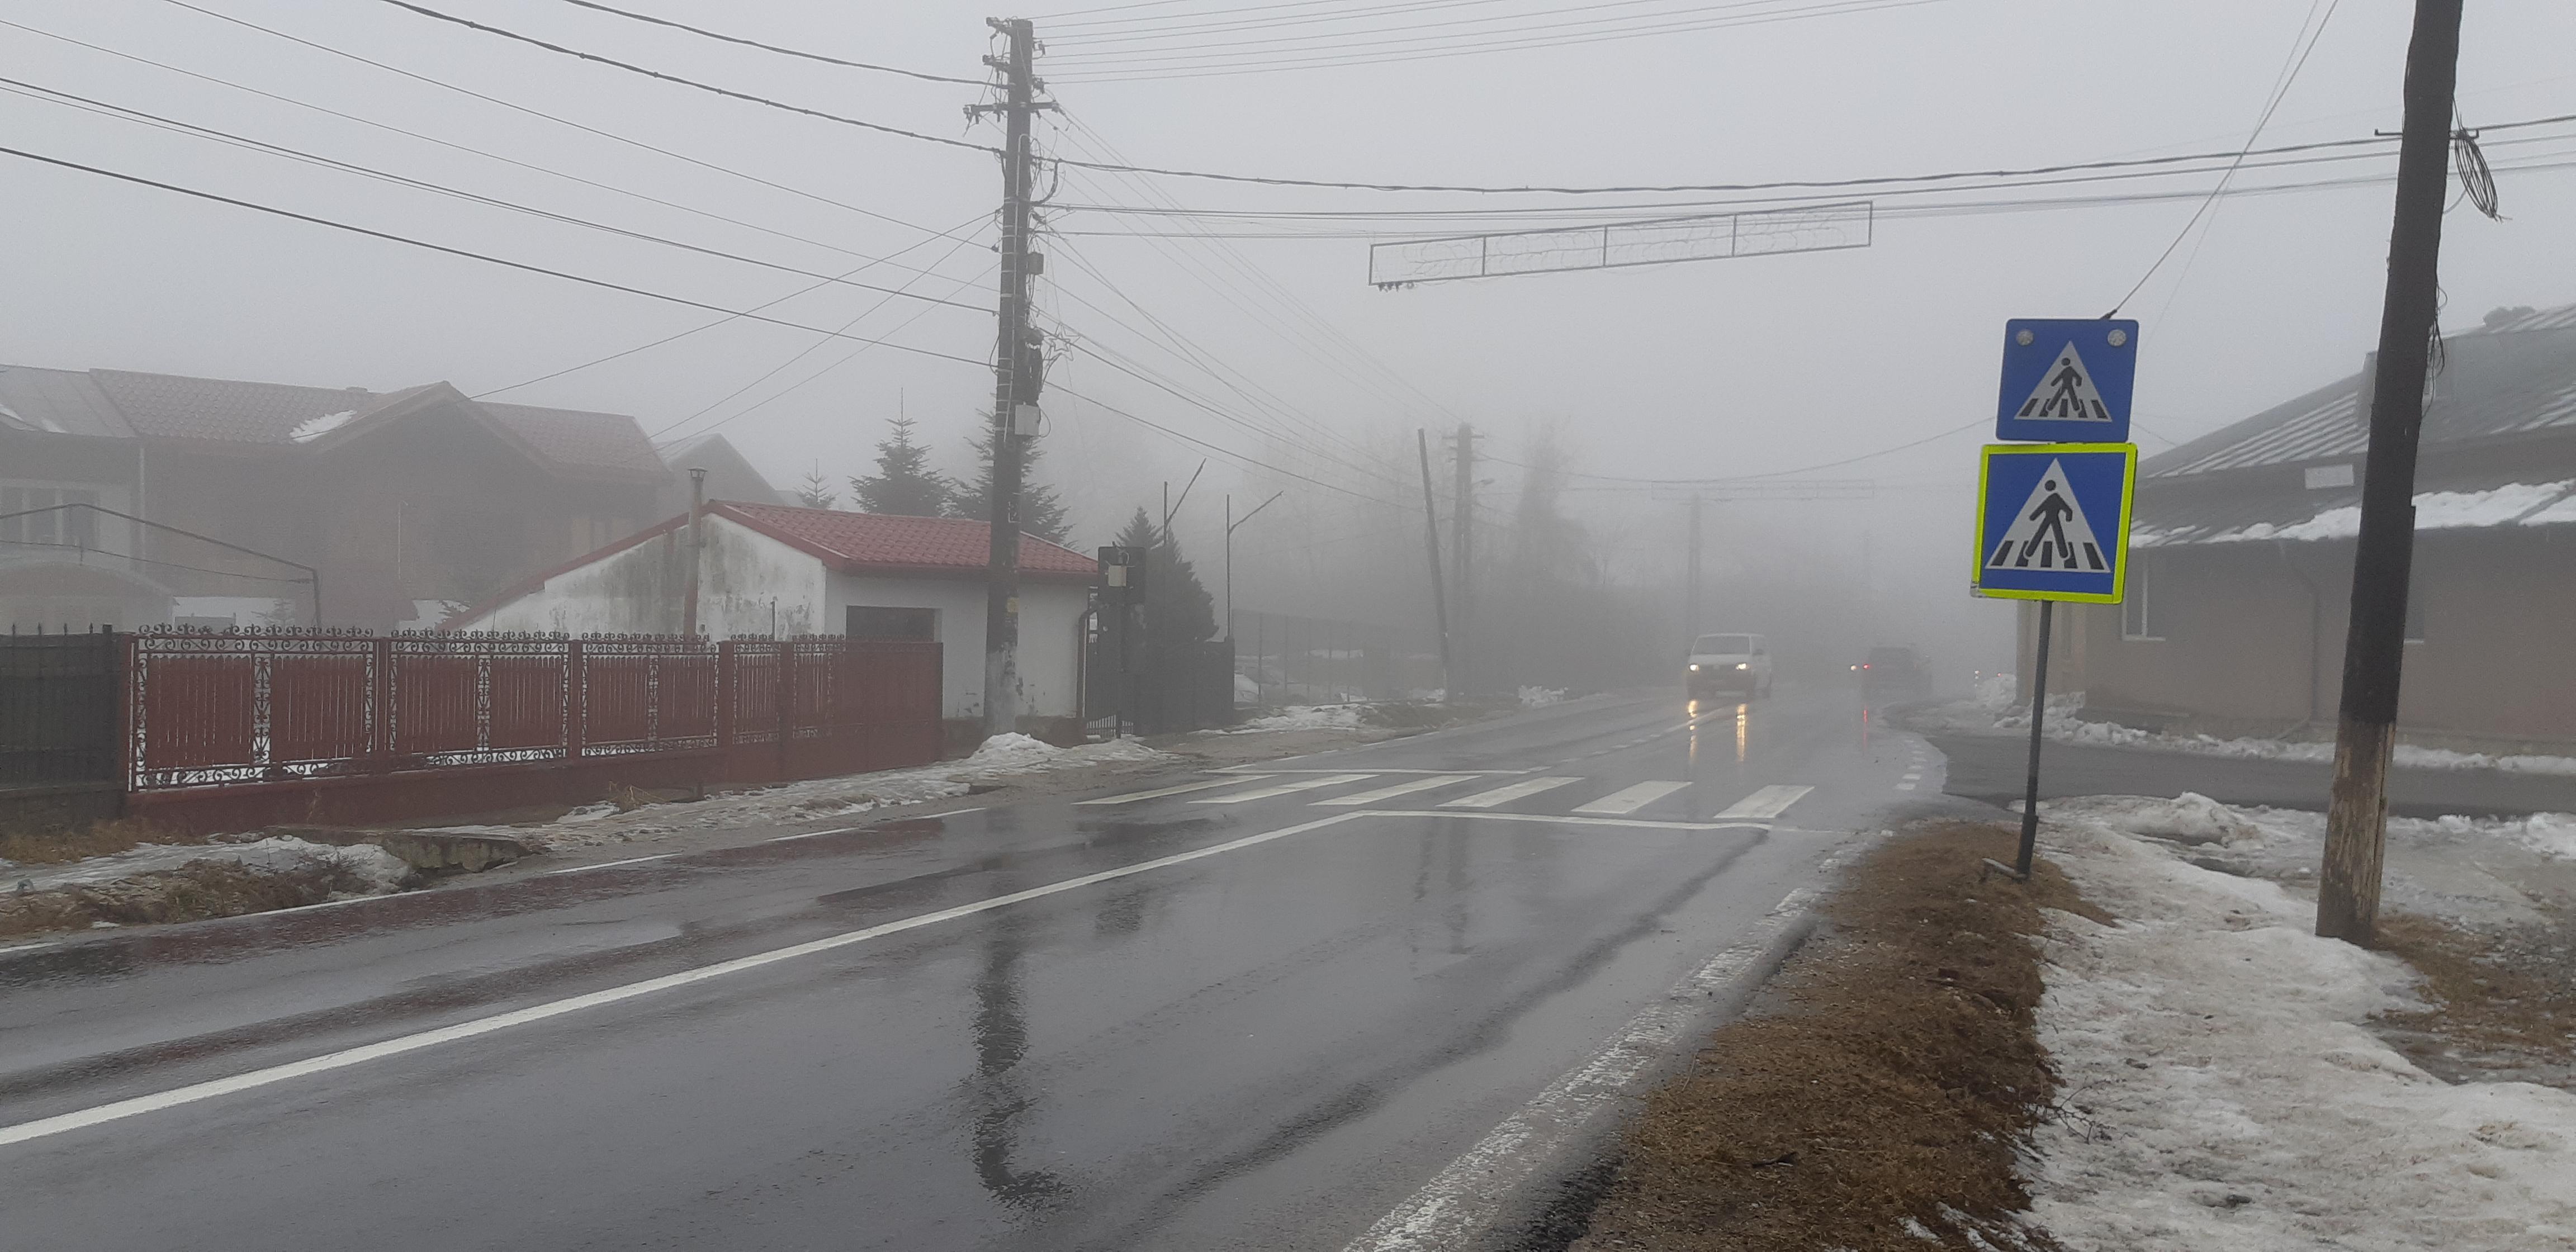 Viziunea este într-o ceață. De ce viziunea este într-o ceață